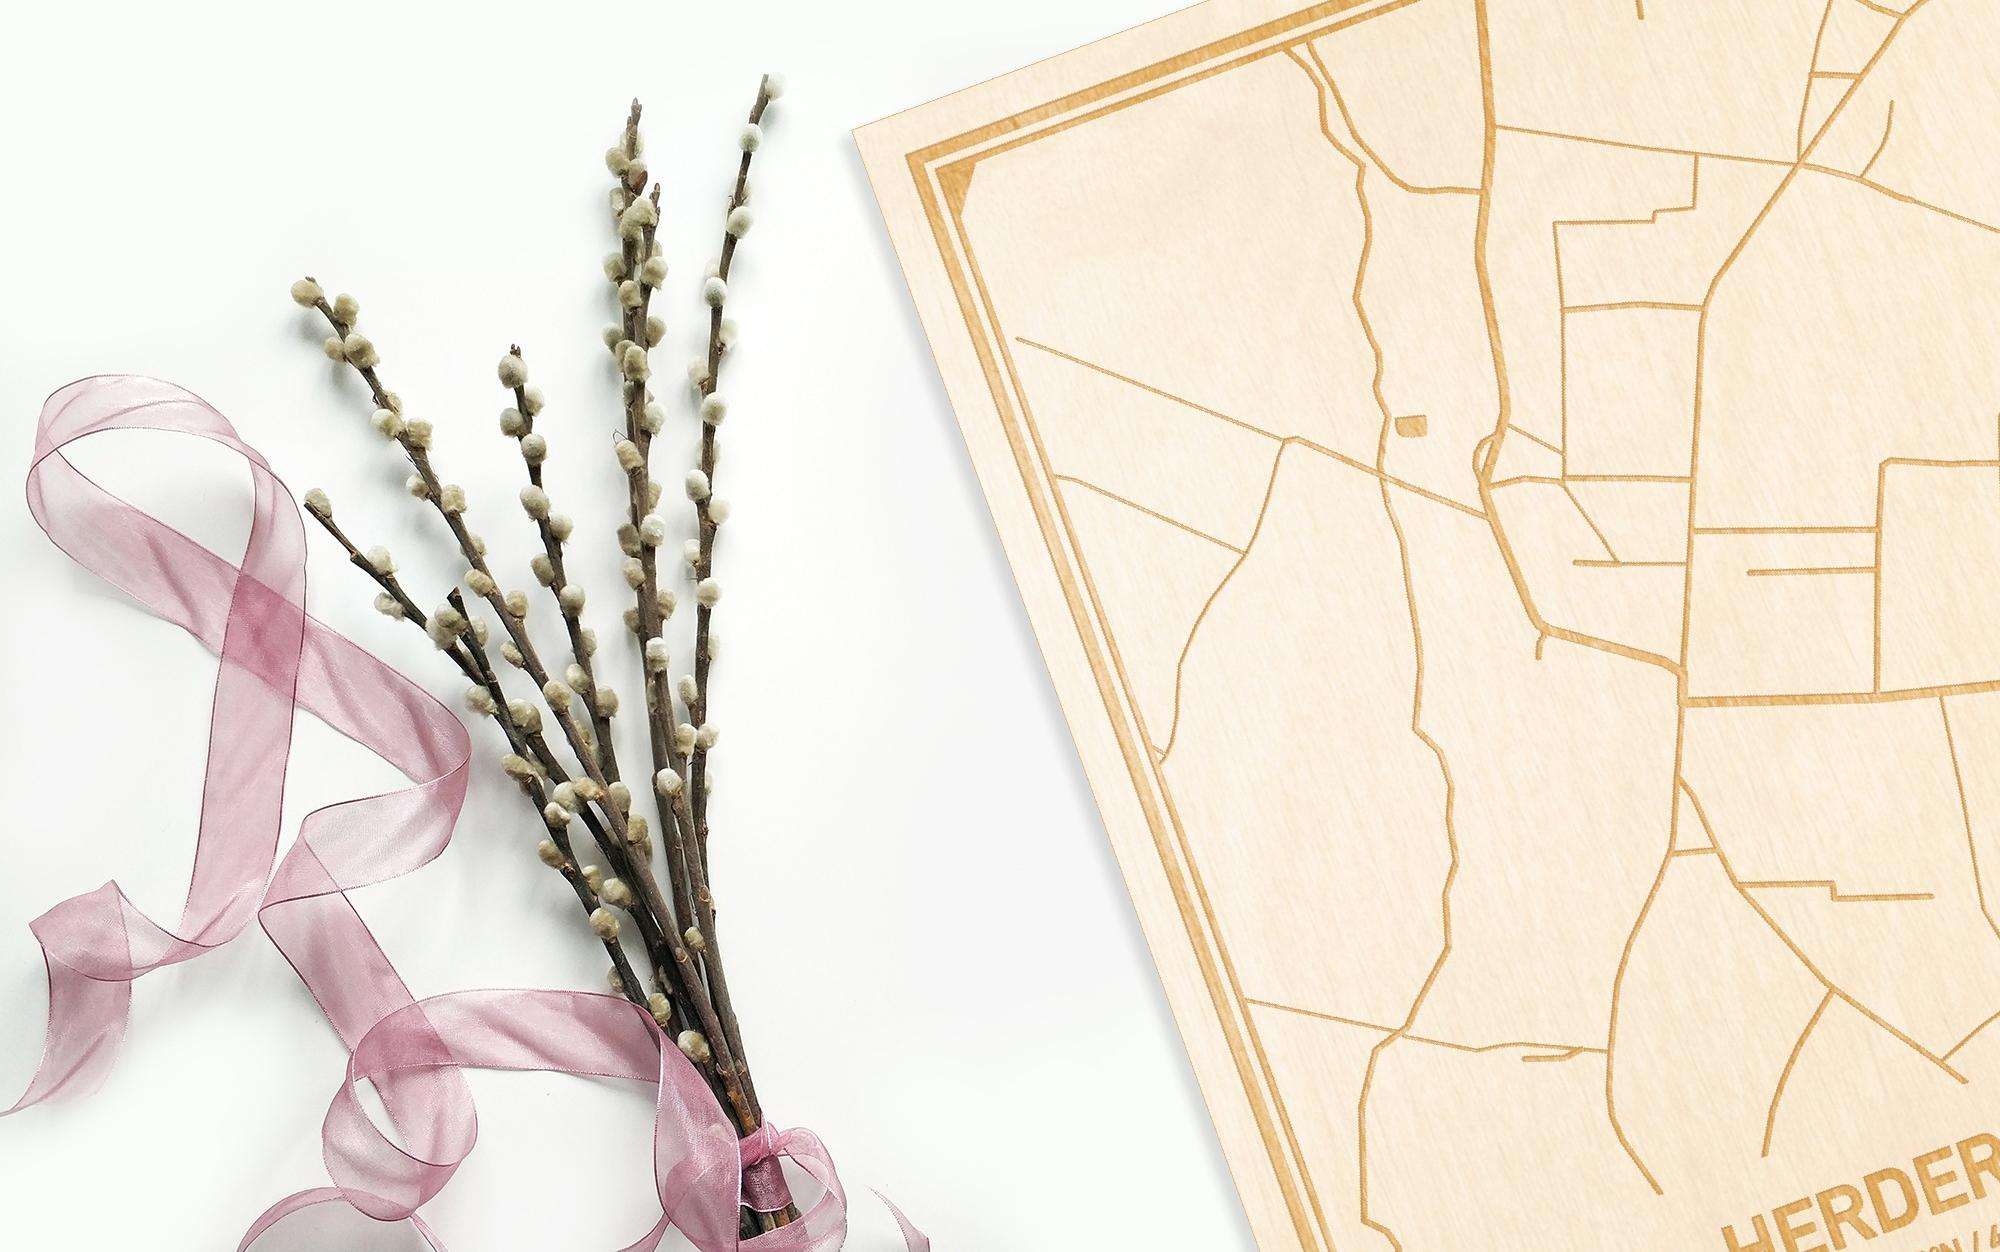 Hier ligt de houten plattegrond Herdersem naast een bloemetje als gepersonaliseerd cadeau voor haar.